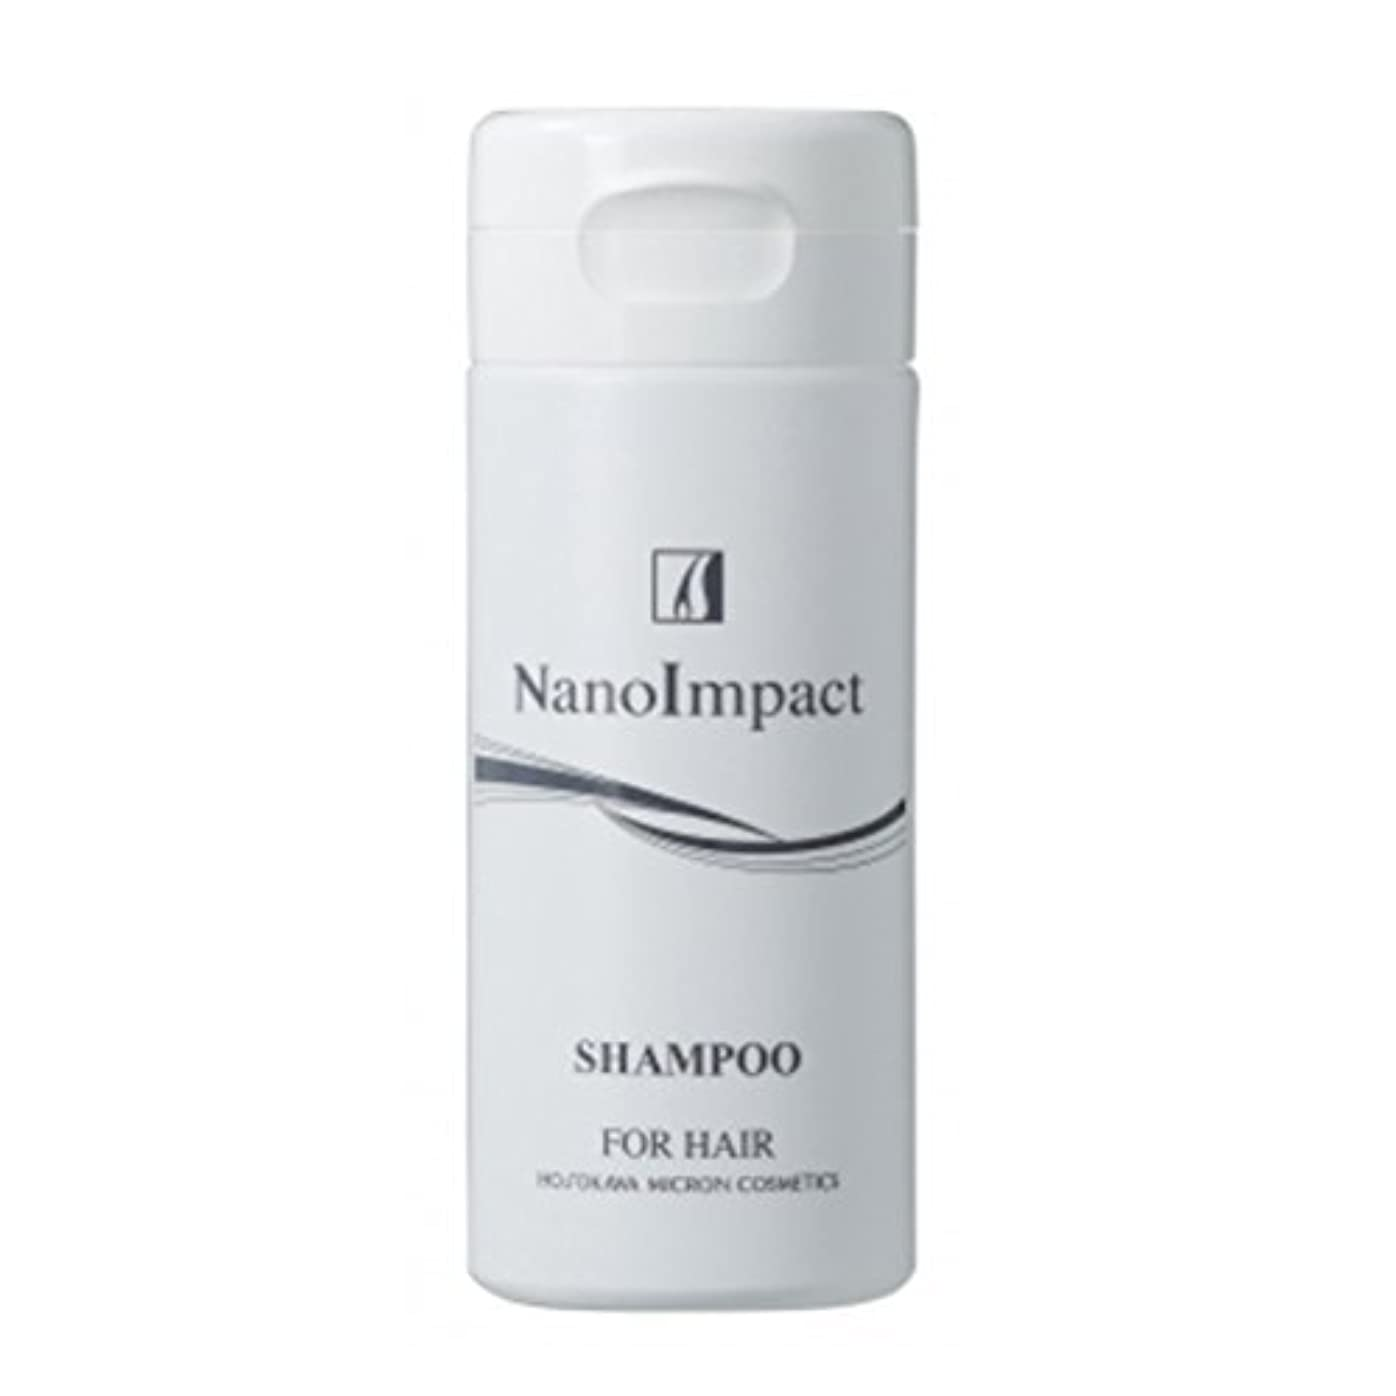 マサッチョスナック禁止ホソカワミクロン化粧品 薬用ナノインパクトシャンプー<150g> 【医薬部外品/薬用シャンプー】